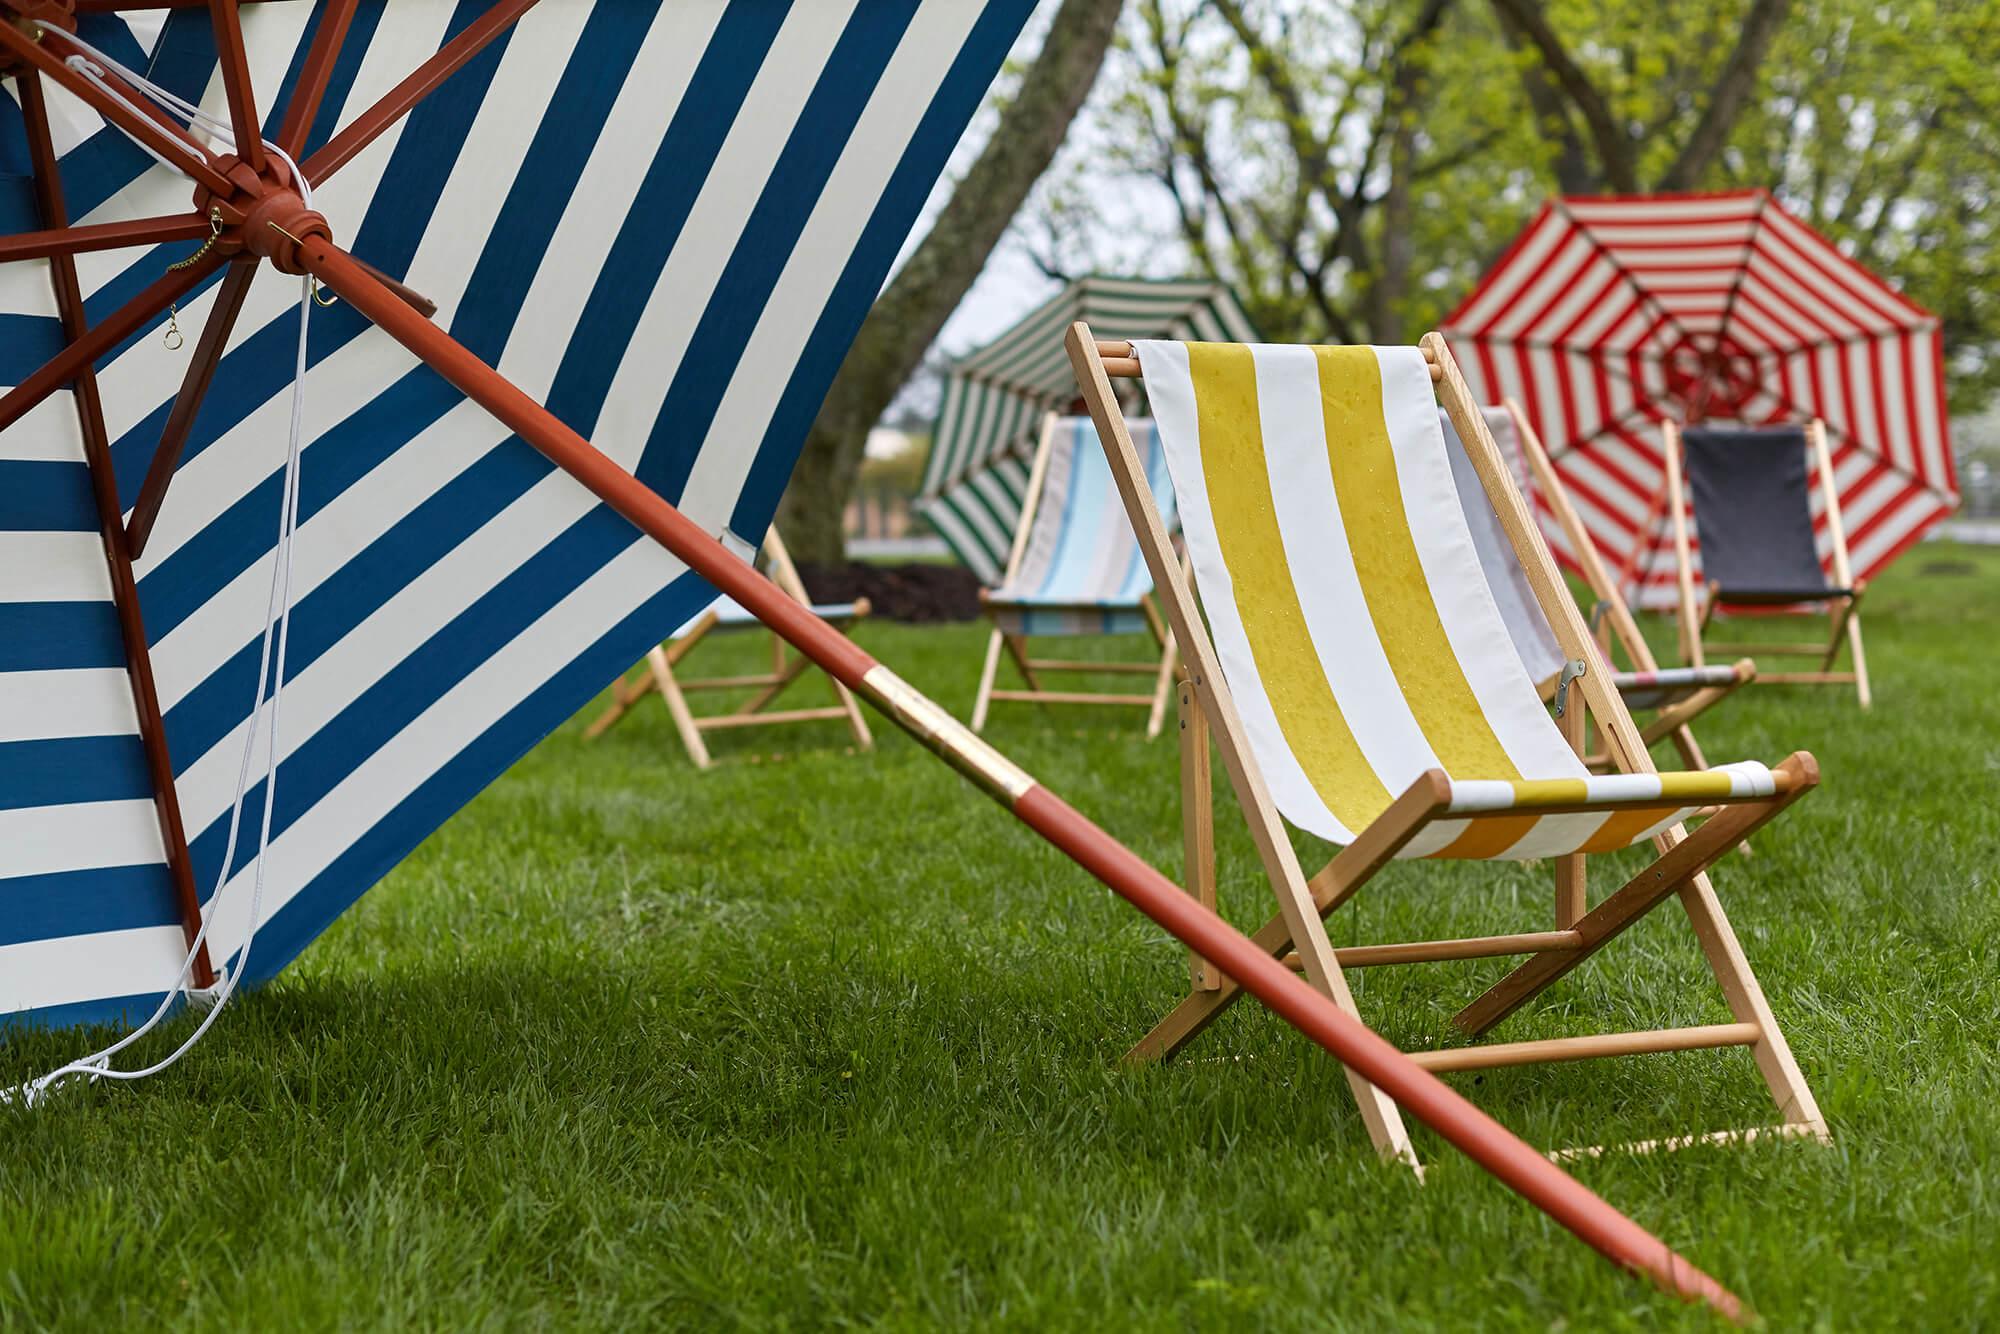 ผ้าลายทางคาบานาบนเก้าอี้คาบานาและร่มตั้งอยู่บนสนามหญ้า